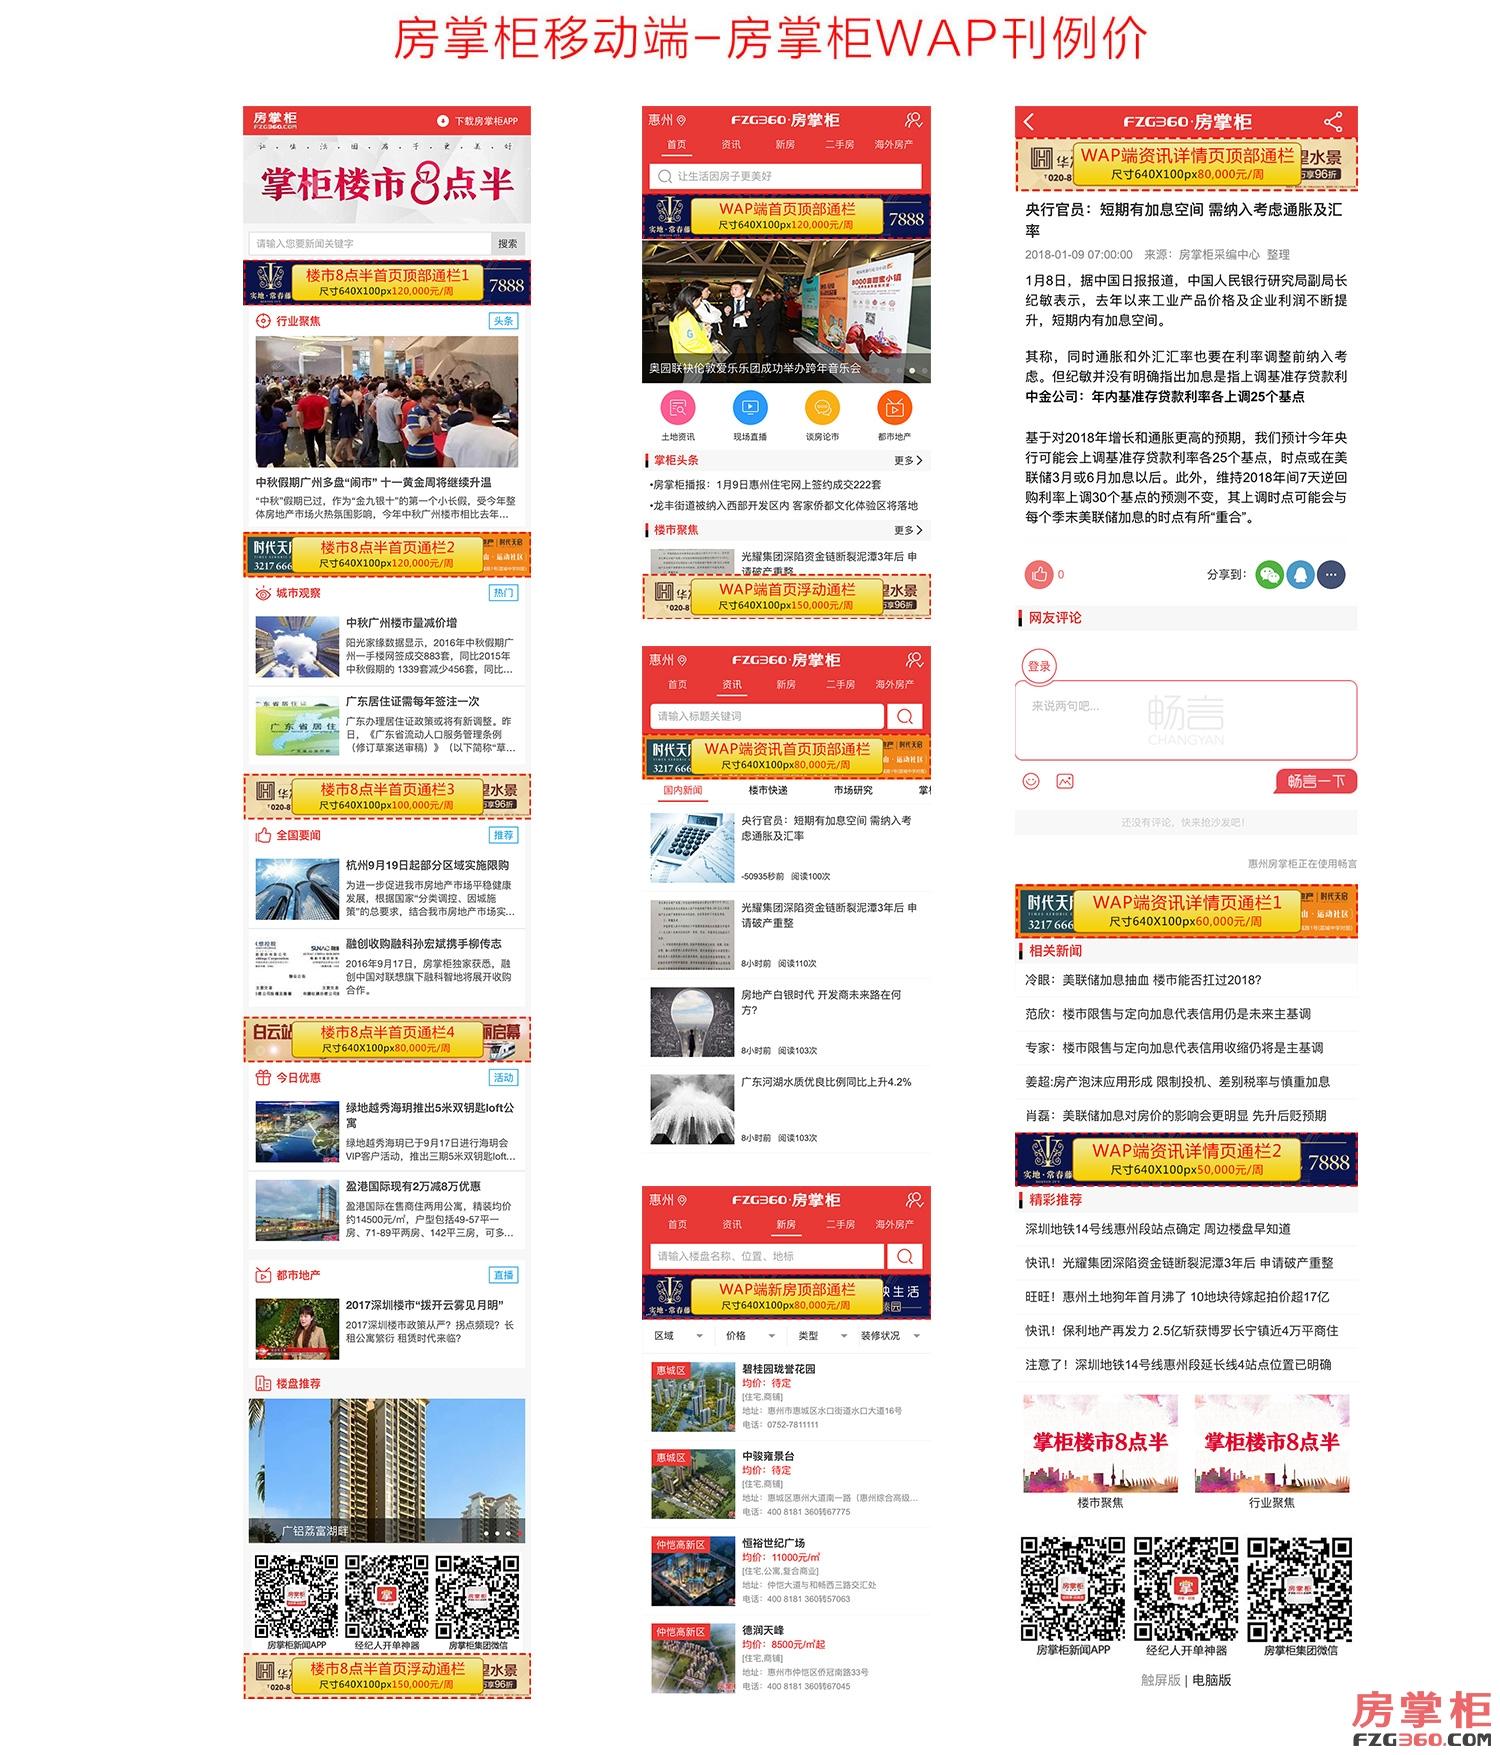 惠州wap广告位.jpg